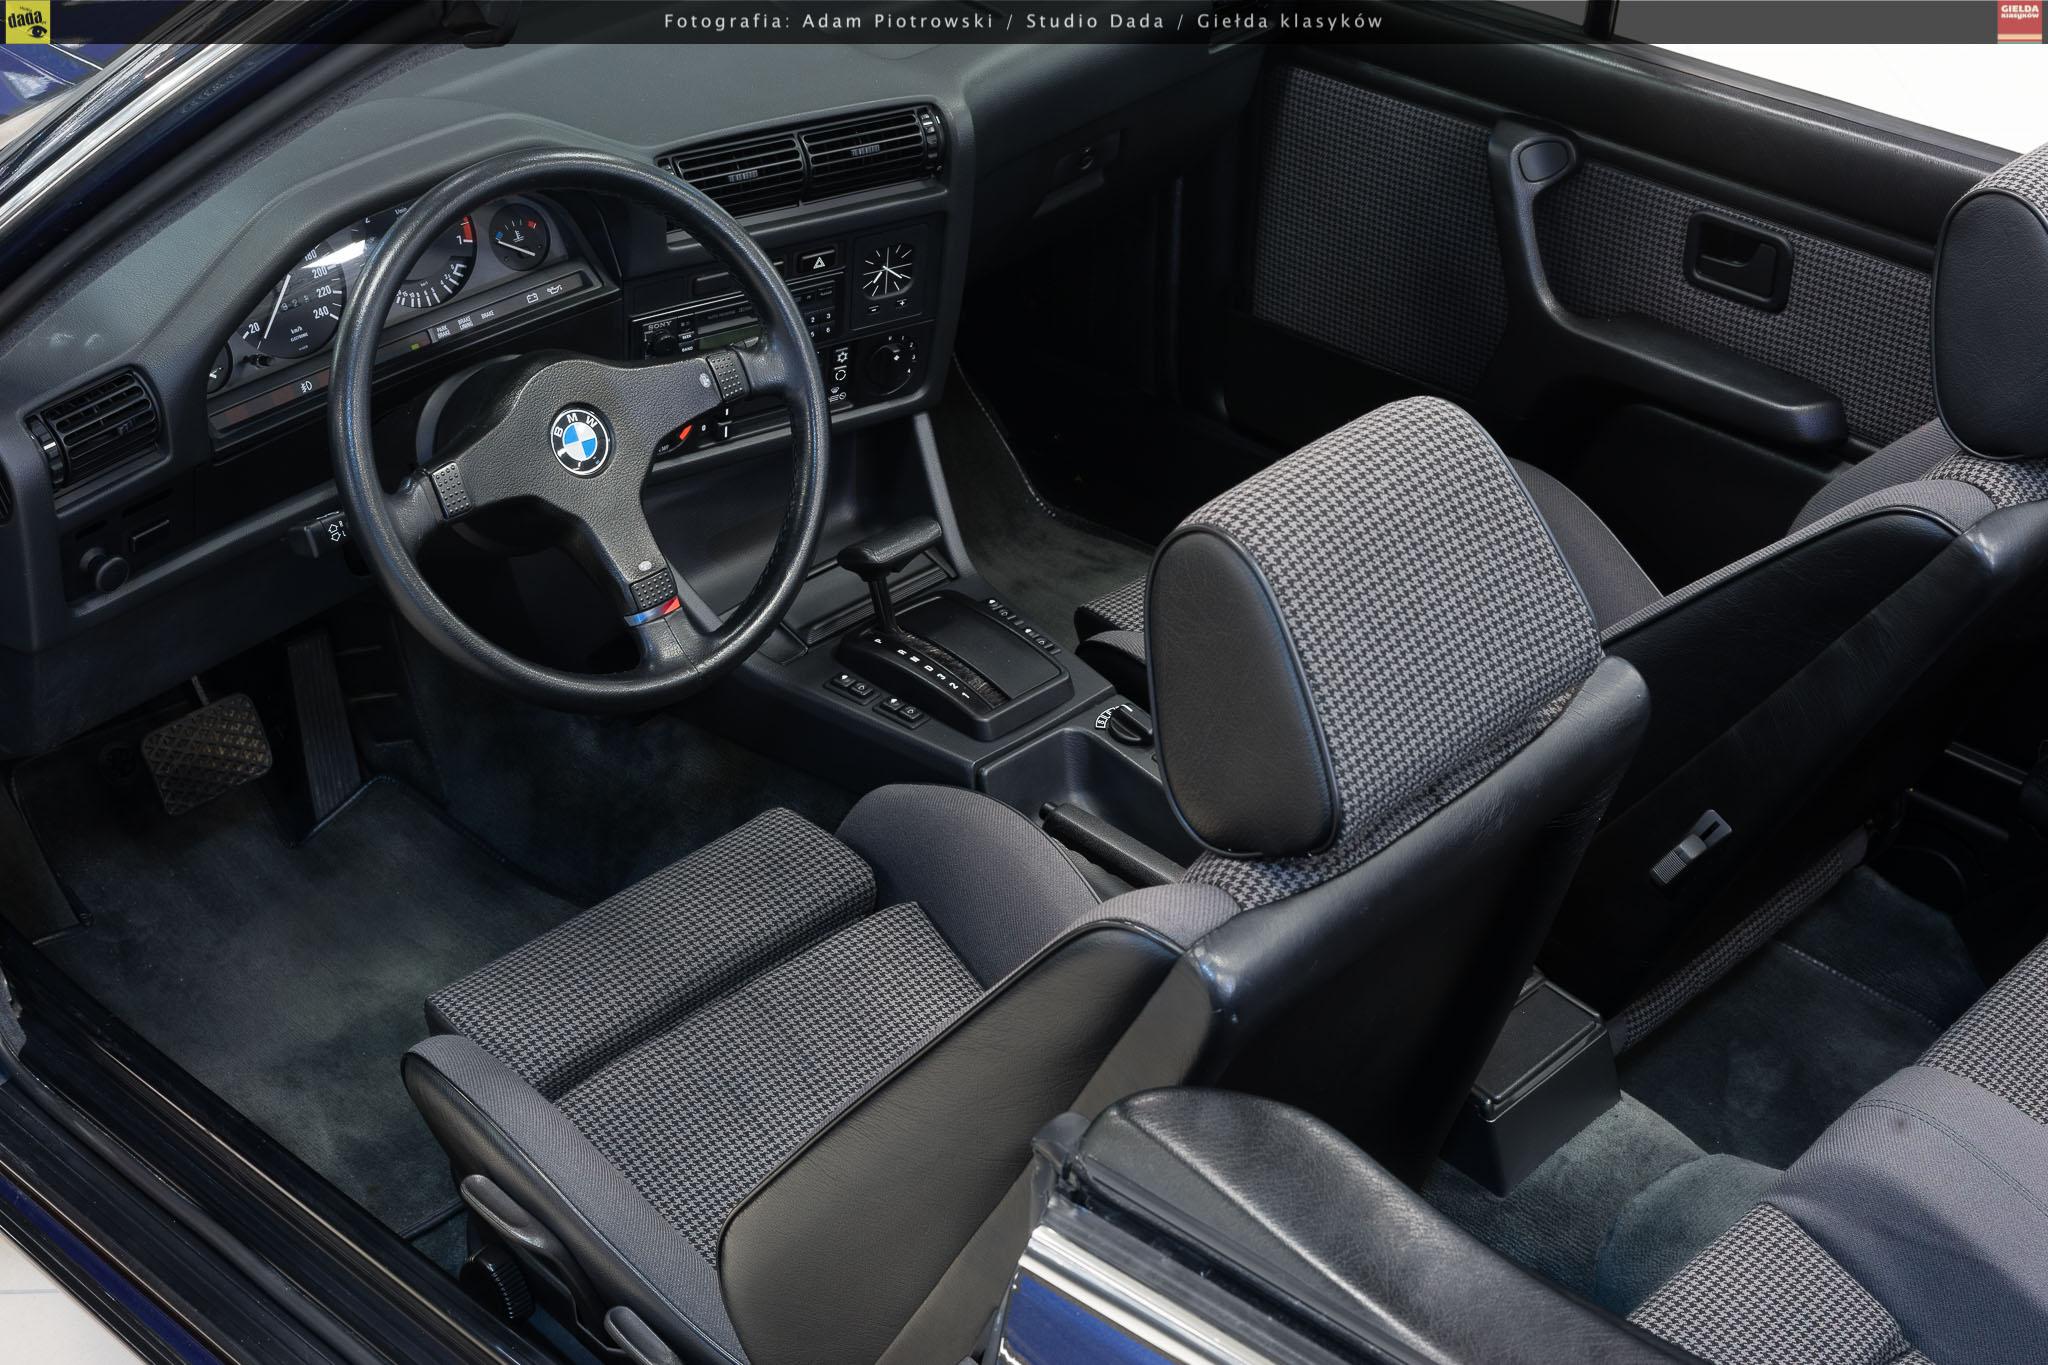 02-bmw-325i-cabrio-03.jpg